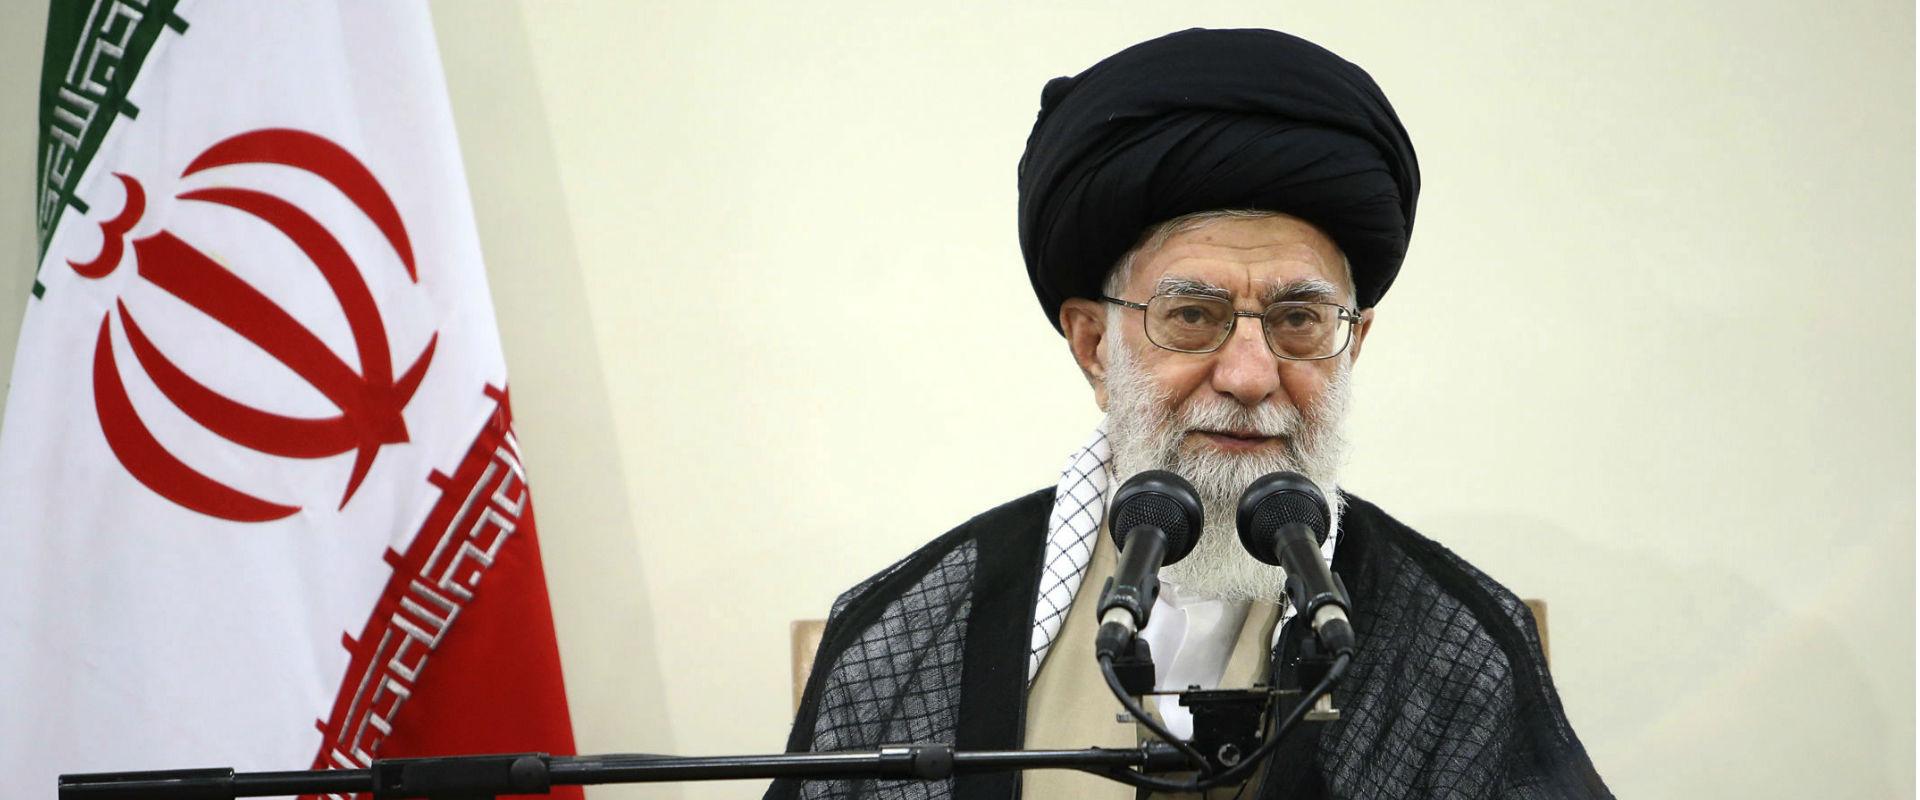 מנהיגה העליון של איראן, איתולה עלי חמינאי